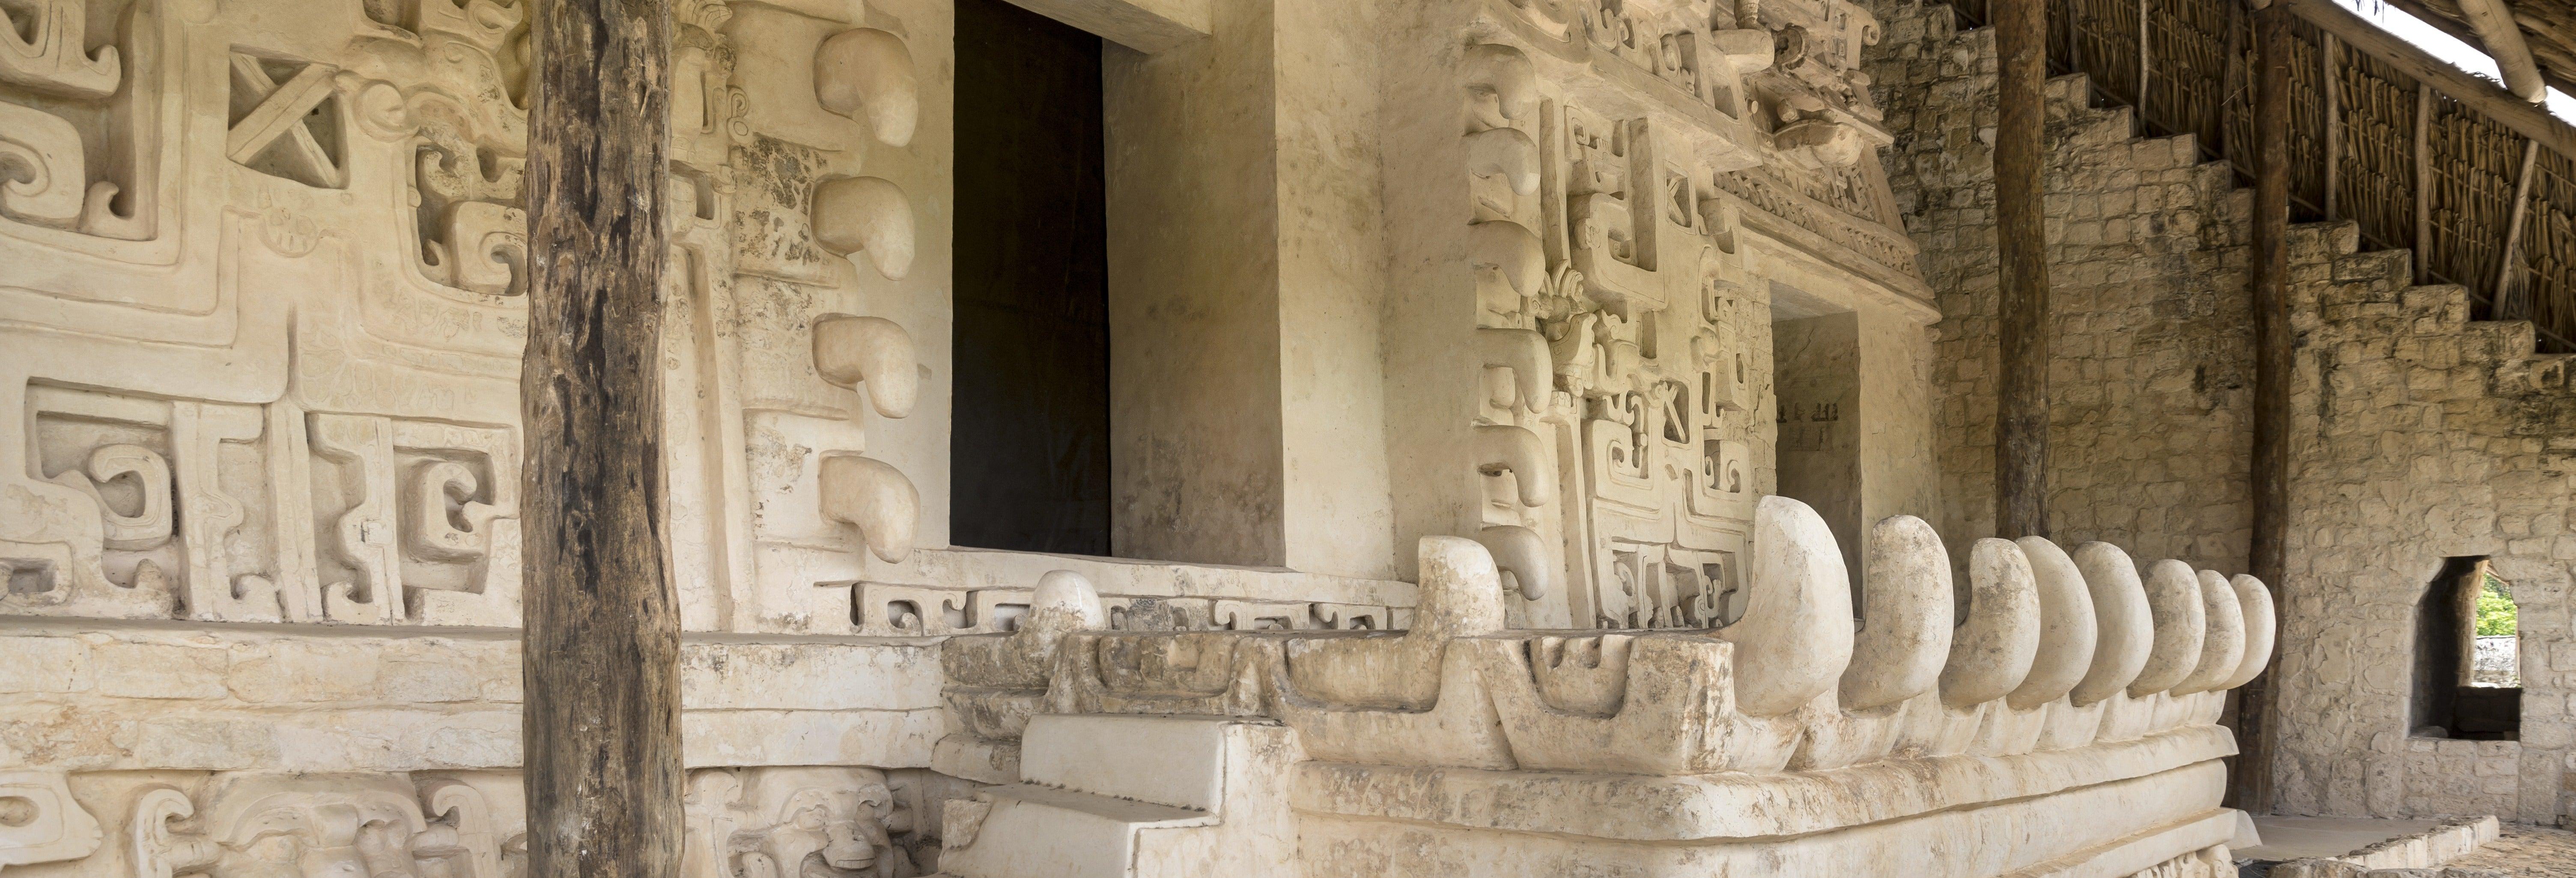 Oferta: Chichén Itzá + Ek Balam en un día